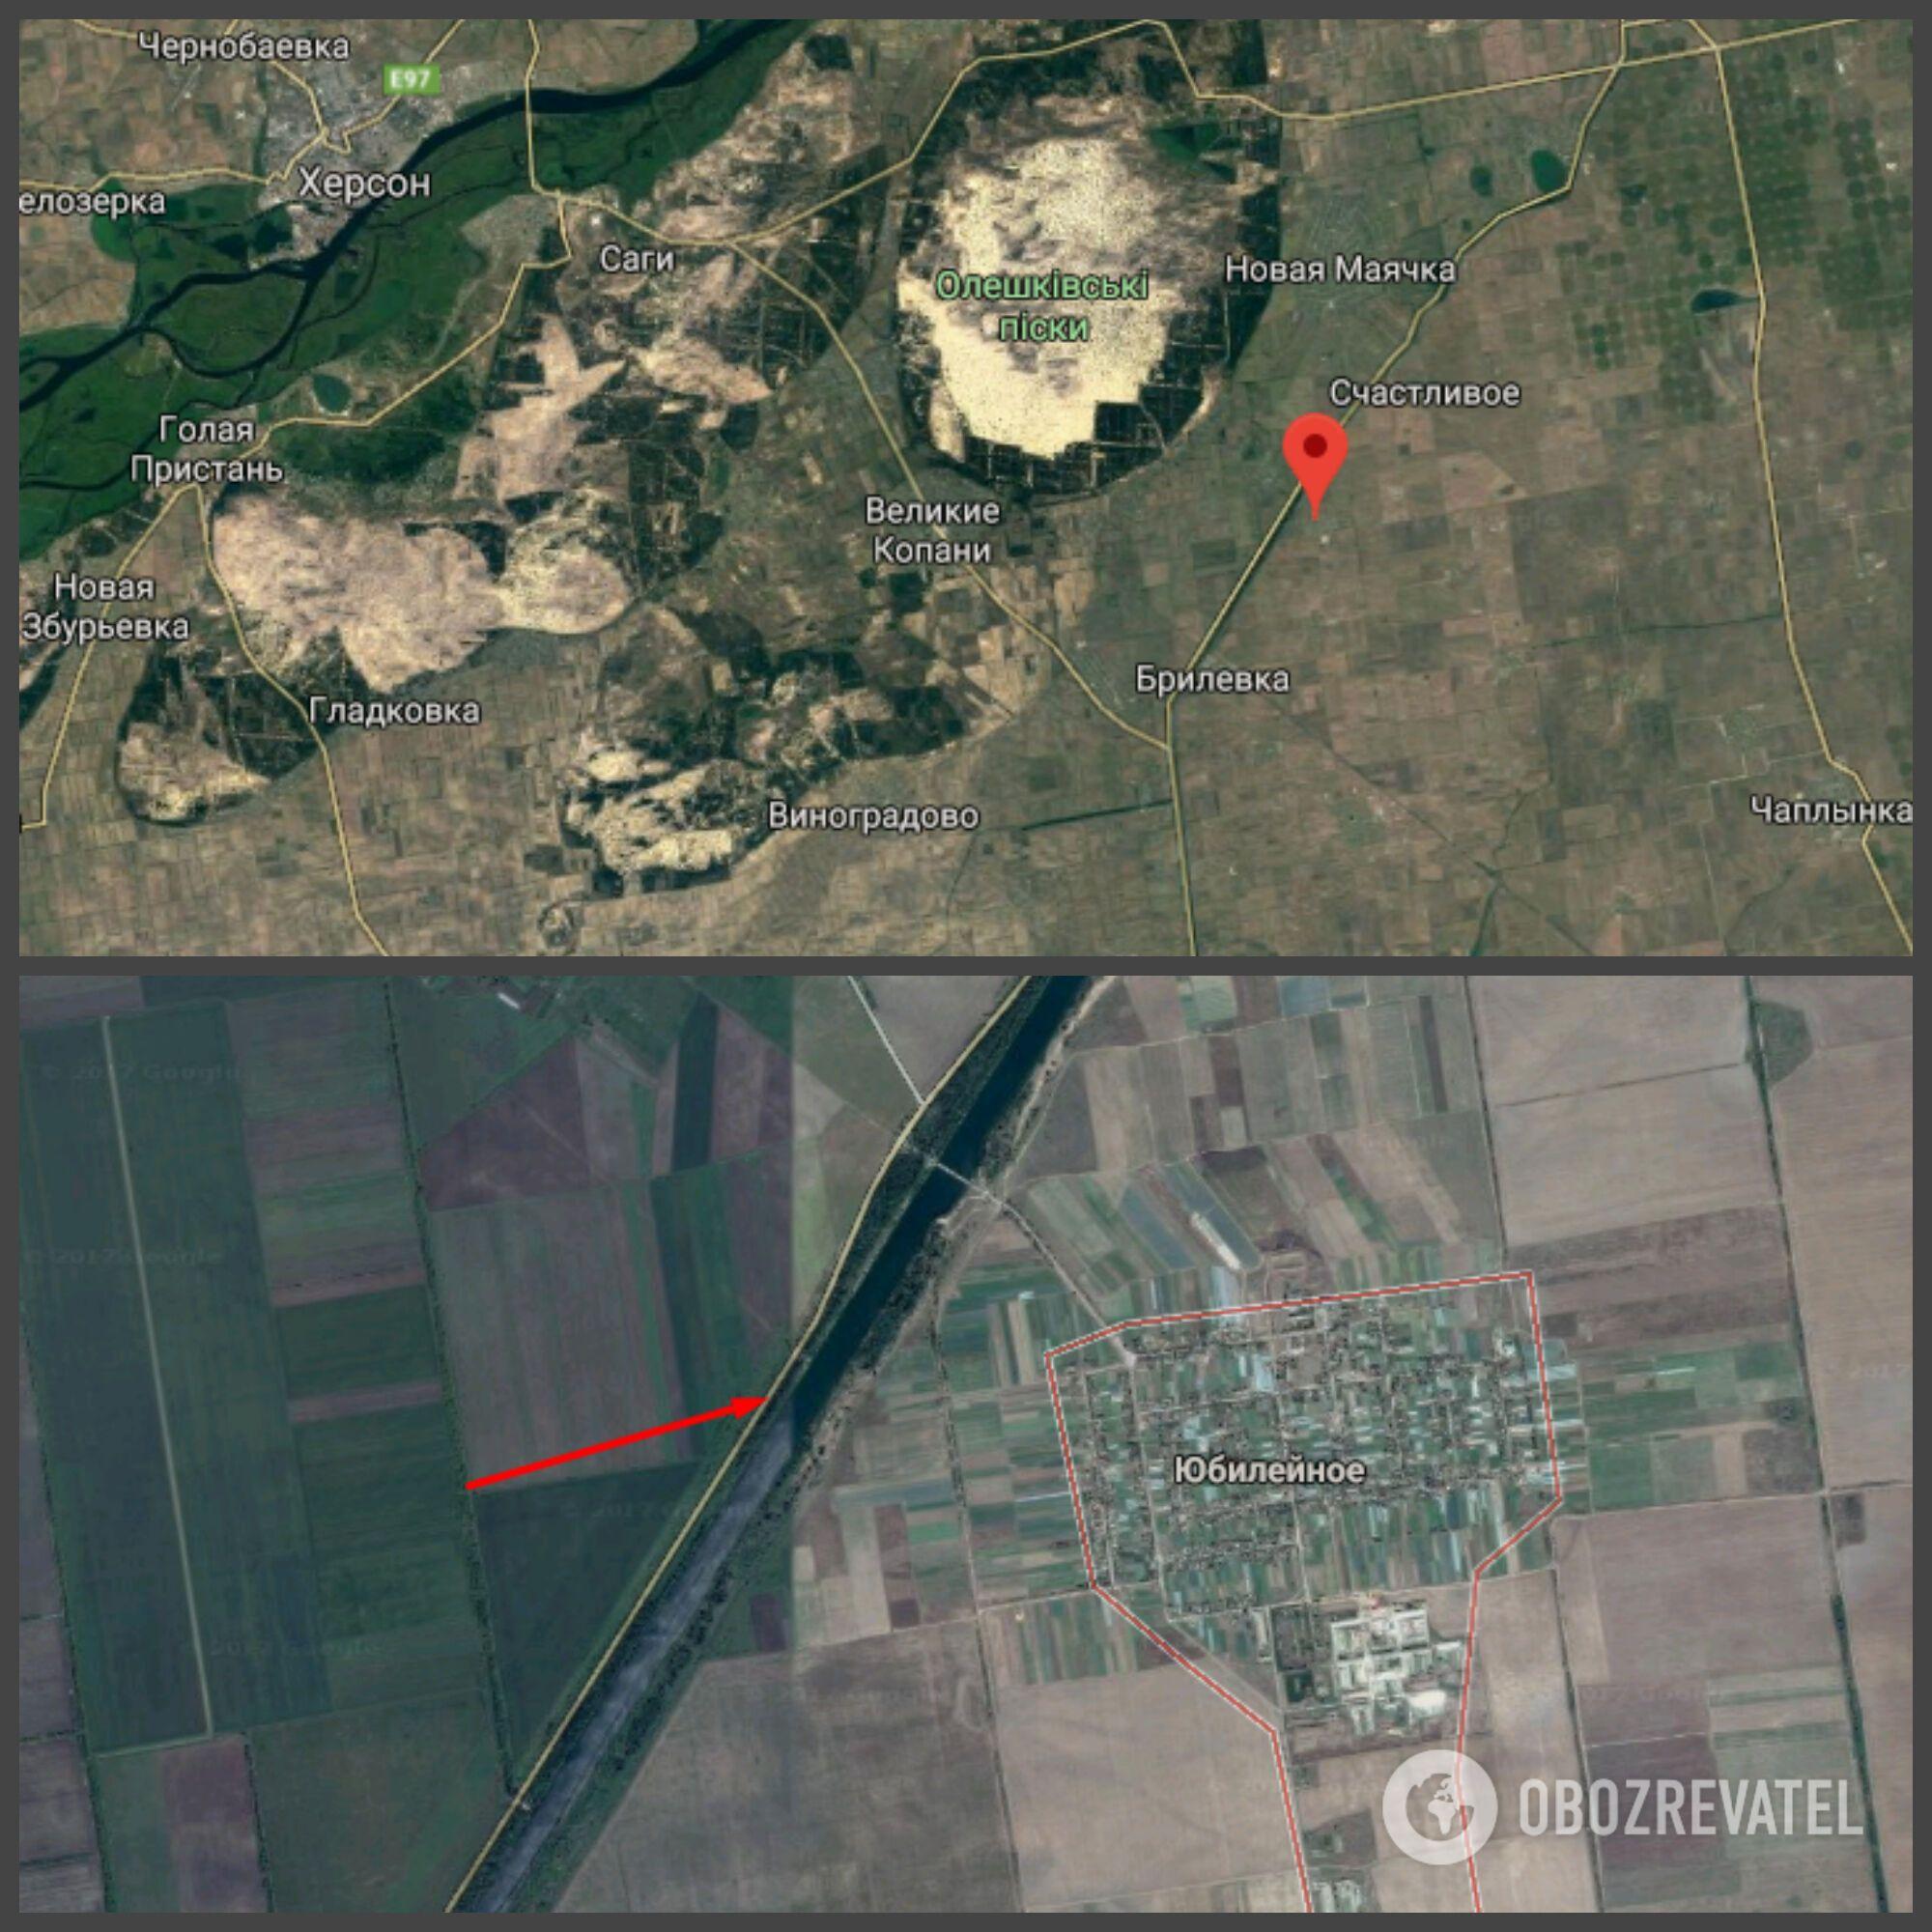 ДТП произошло в селе Юбилейное